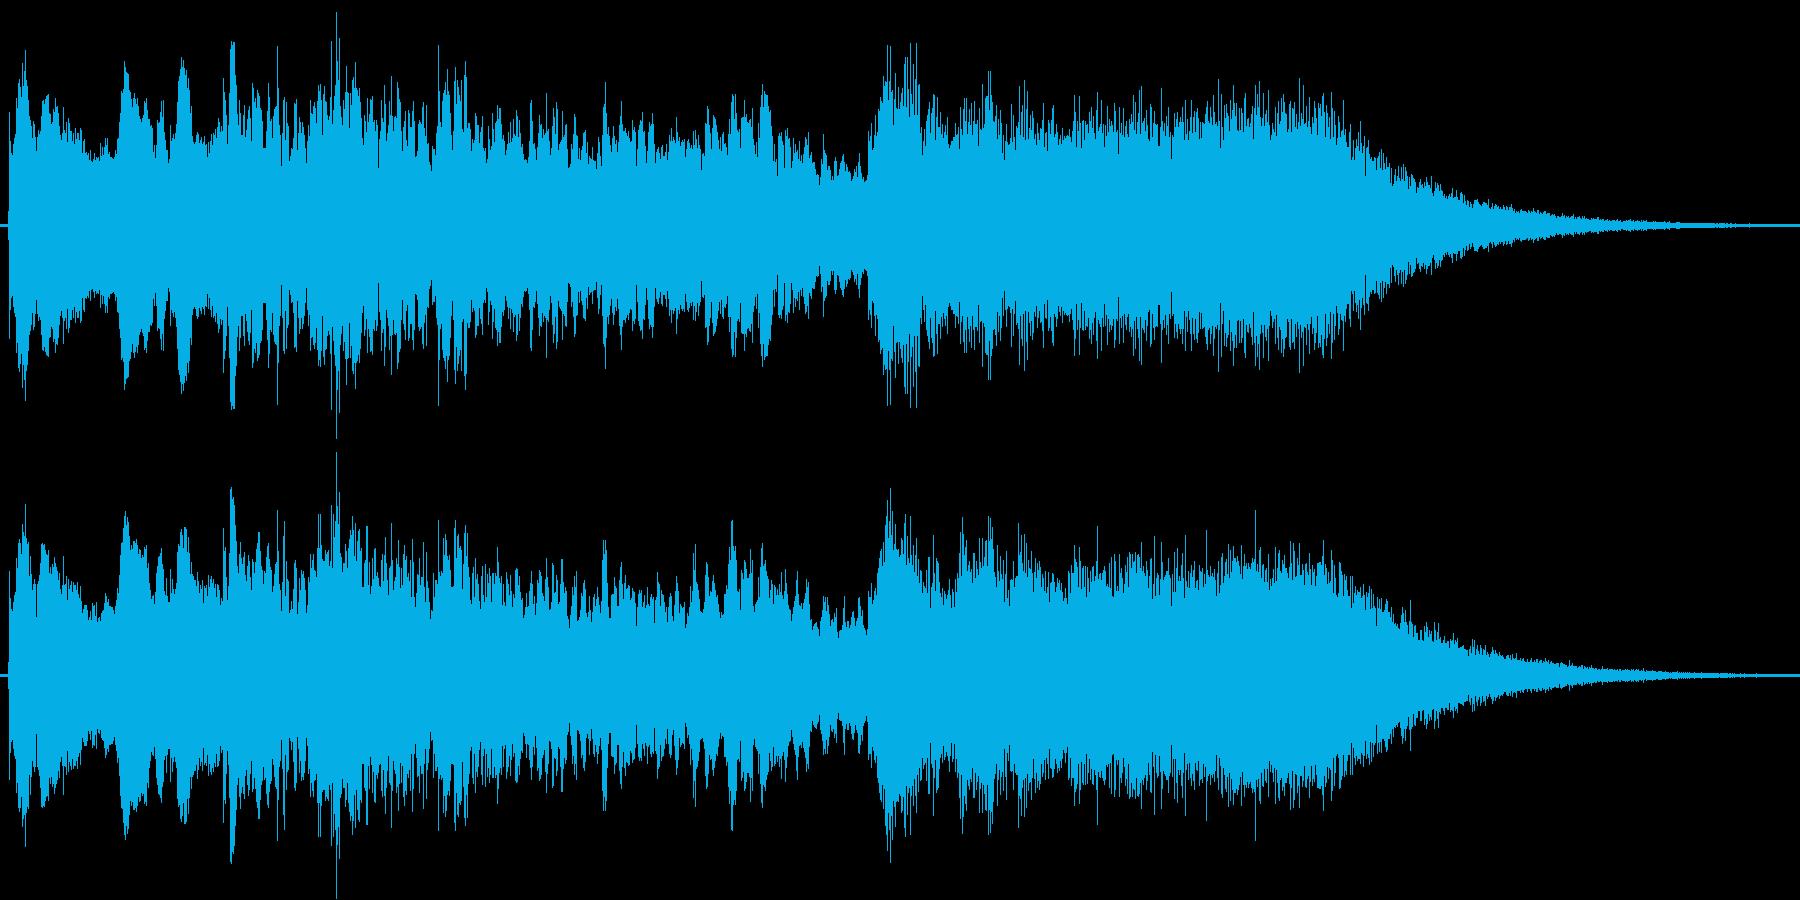 神秘的なジングル(チャイム)の再生済みの波形